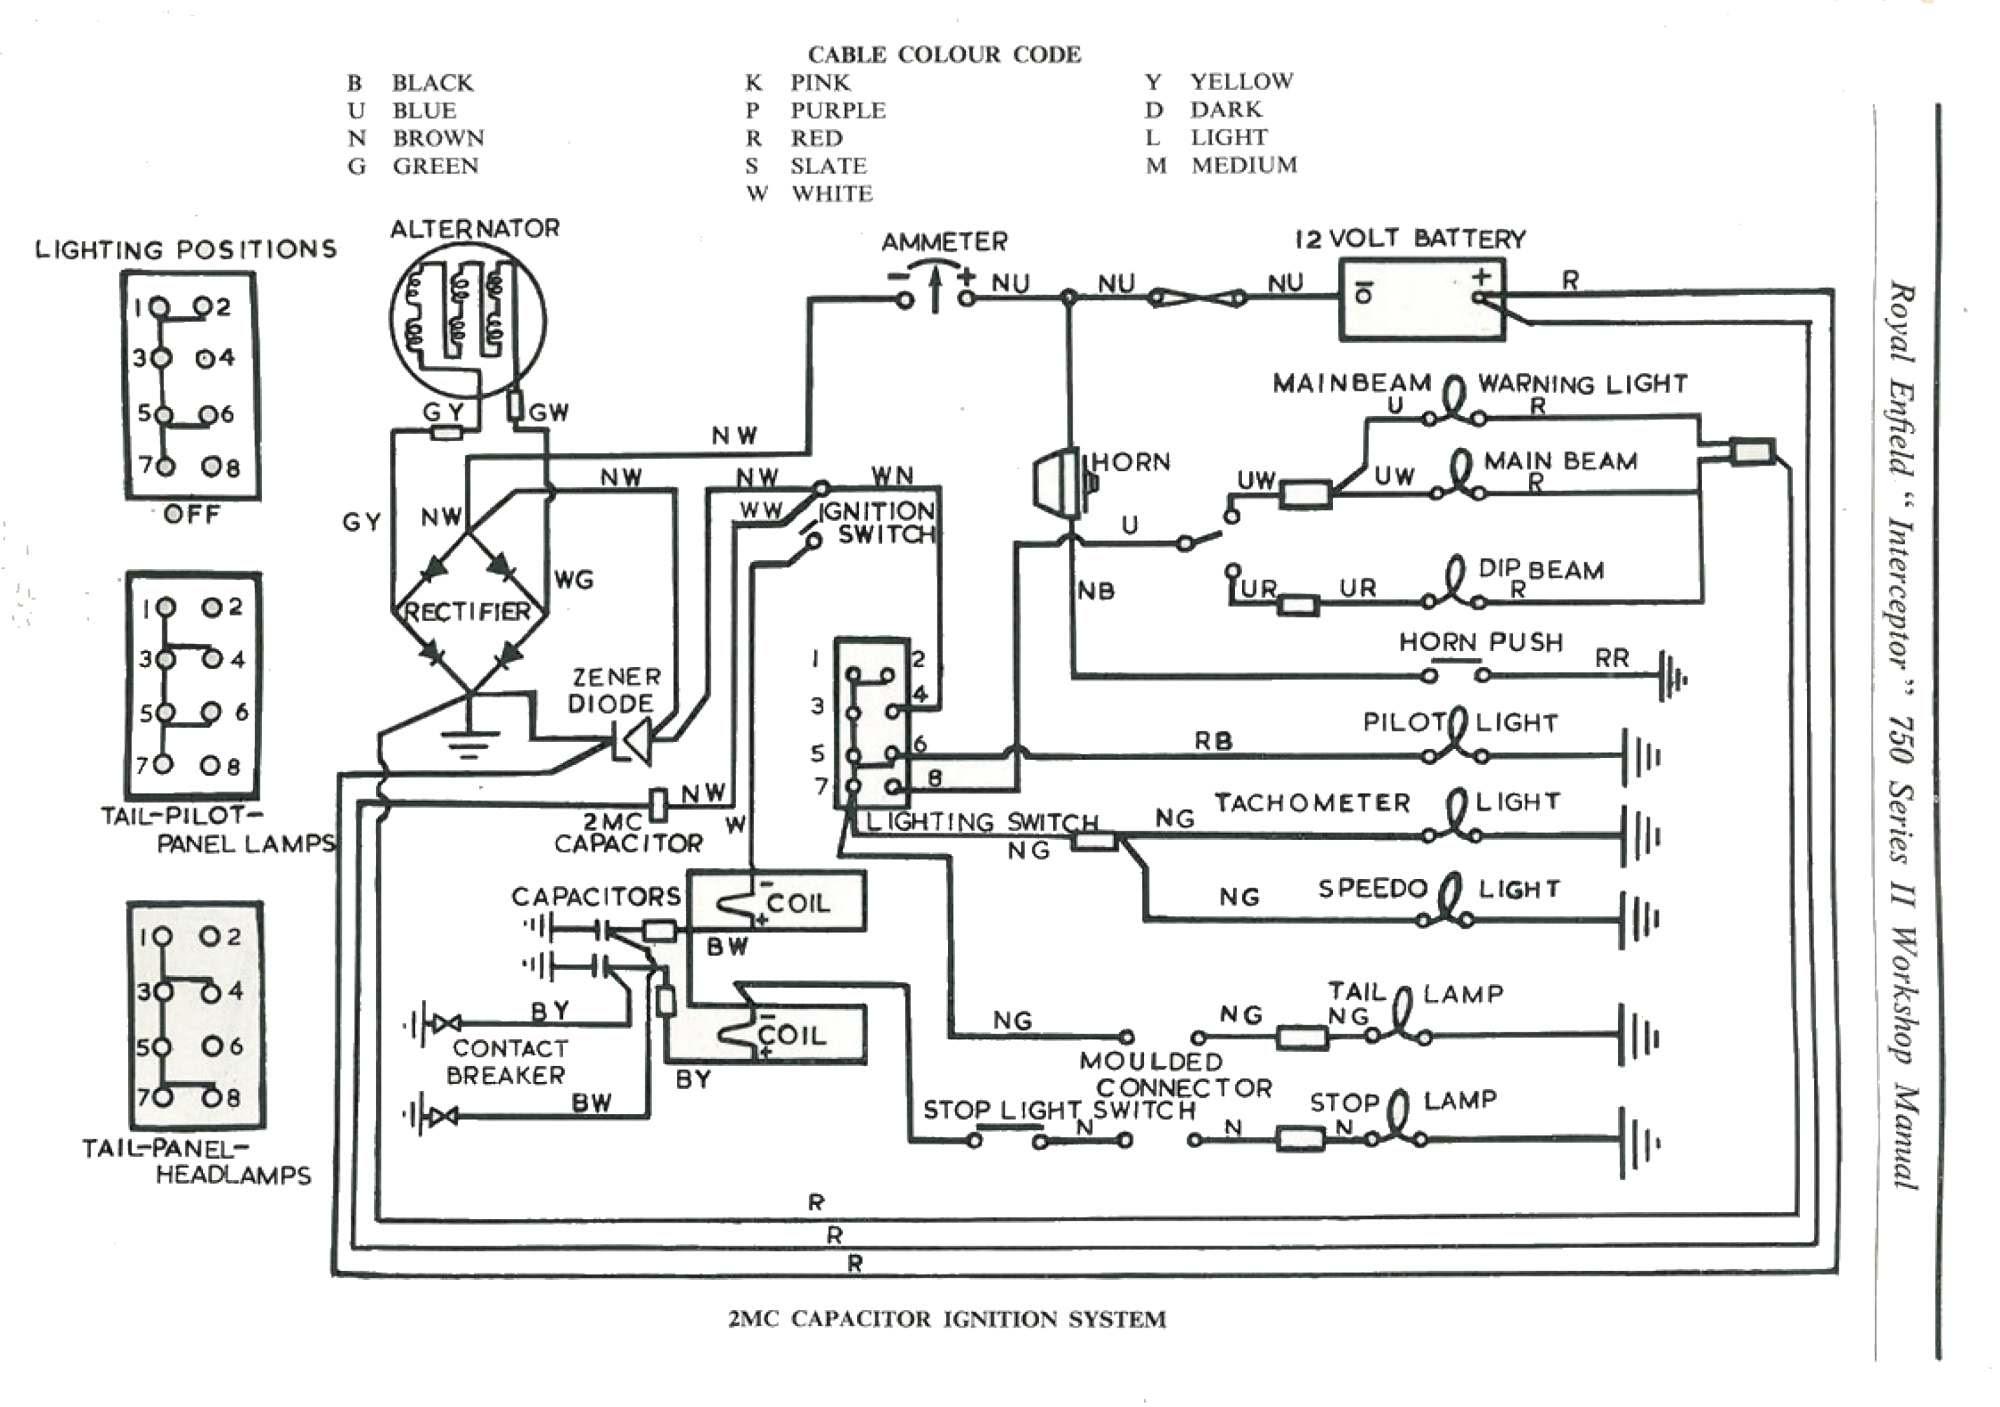 1969 Triumph Tympanium Wiring Diagram Honda Crf 90 Wiring Diagram For Wiring Diagram Schematics